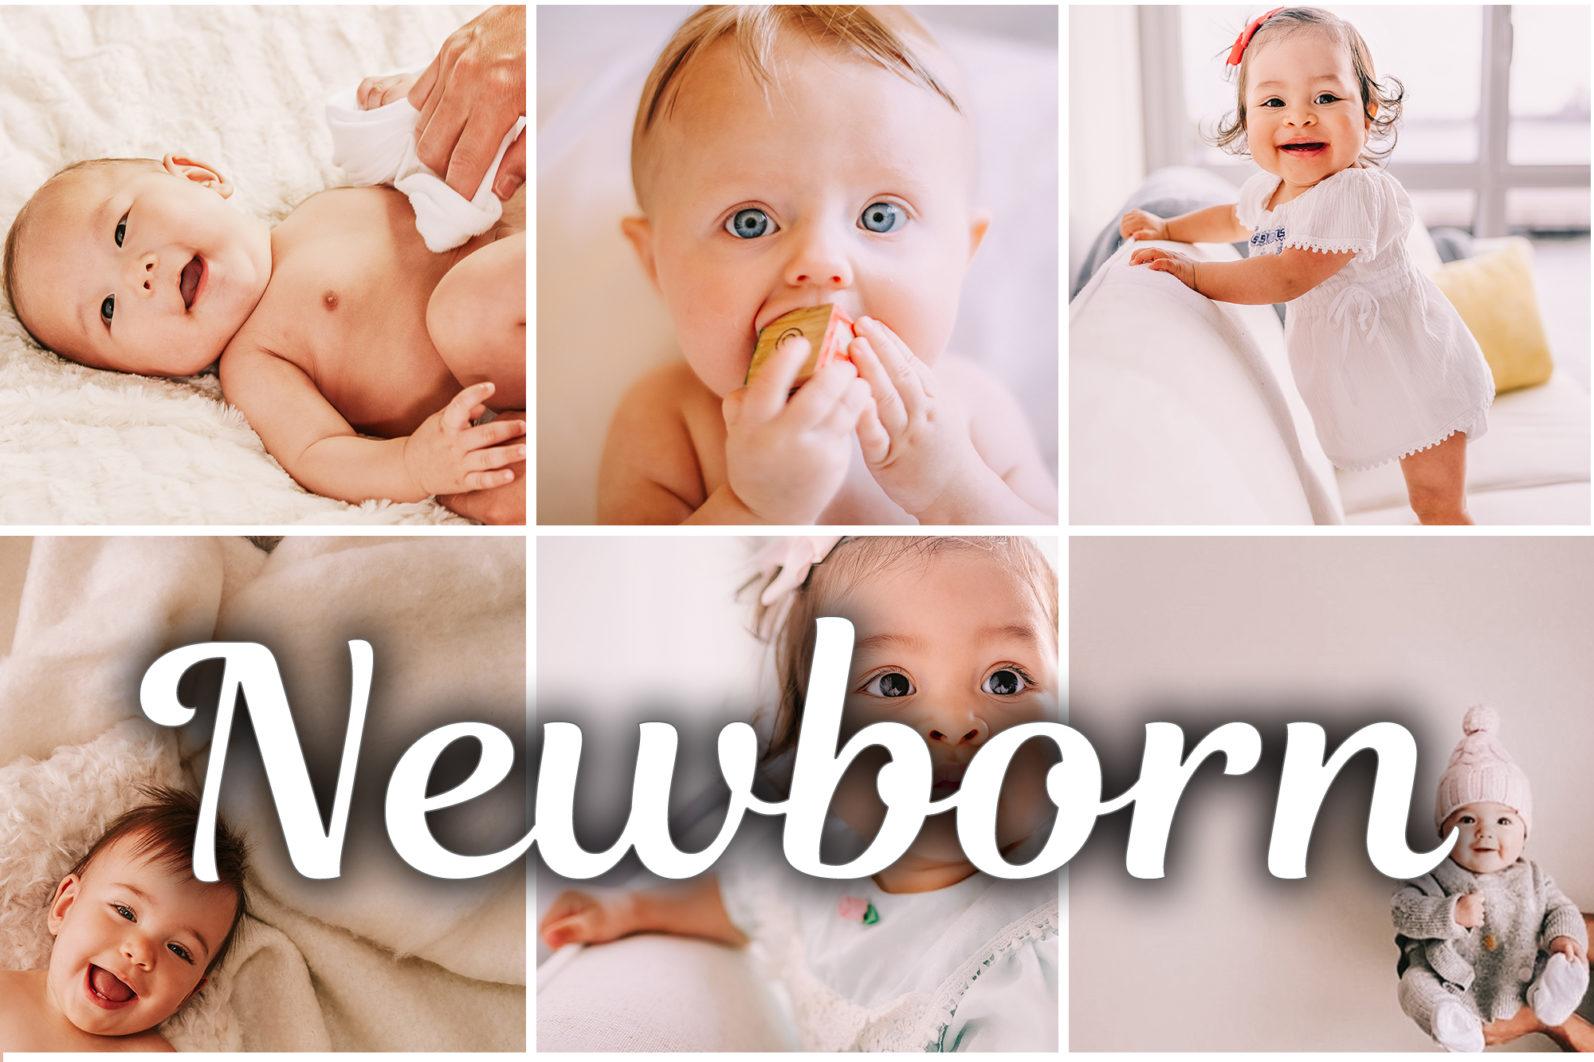 15 Mobile & Desktop Lightroom Presets NEWBORN - Newborn mobile lightroom presets scaled -